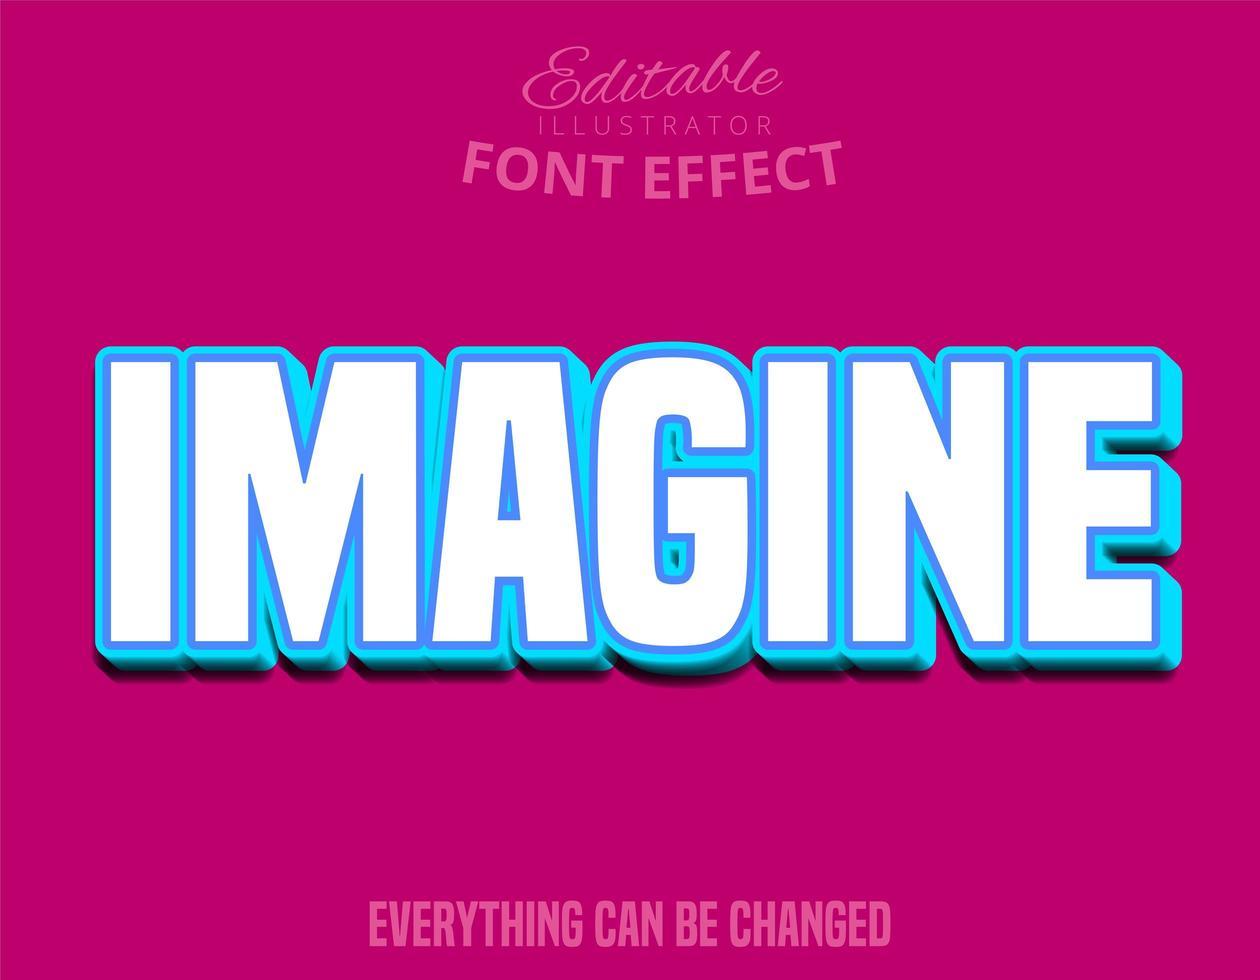 Stellen Sie sich Text vor, bearbeitbare Schriftart vektor